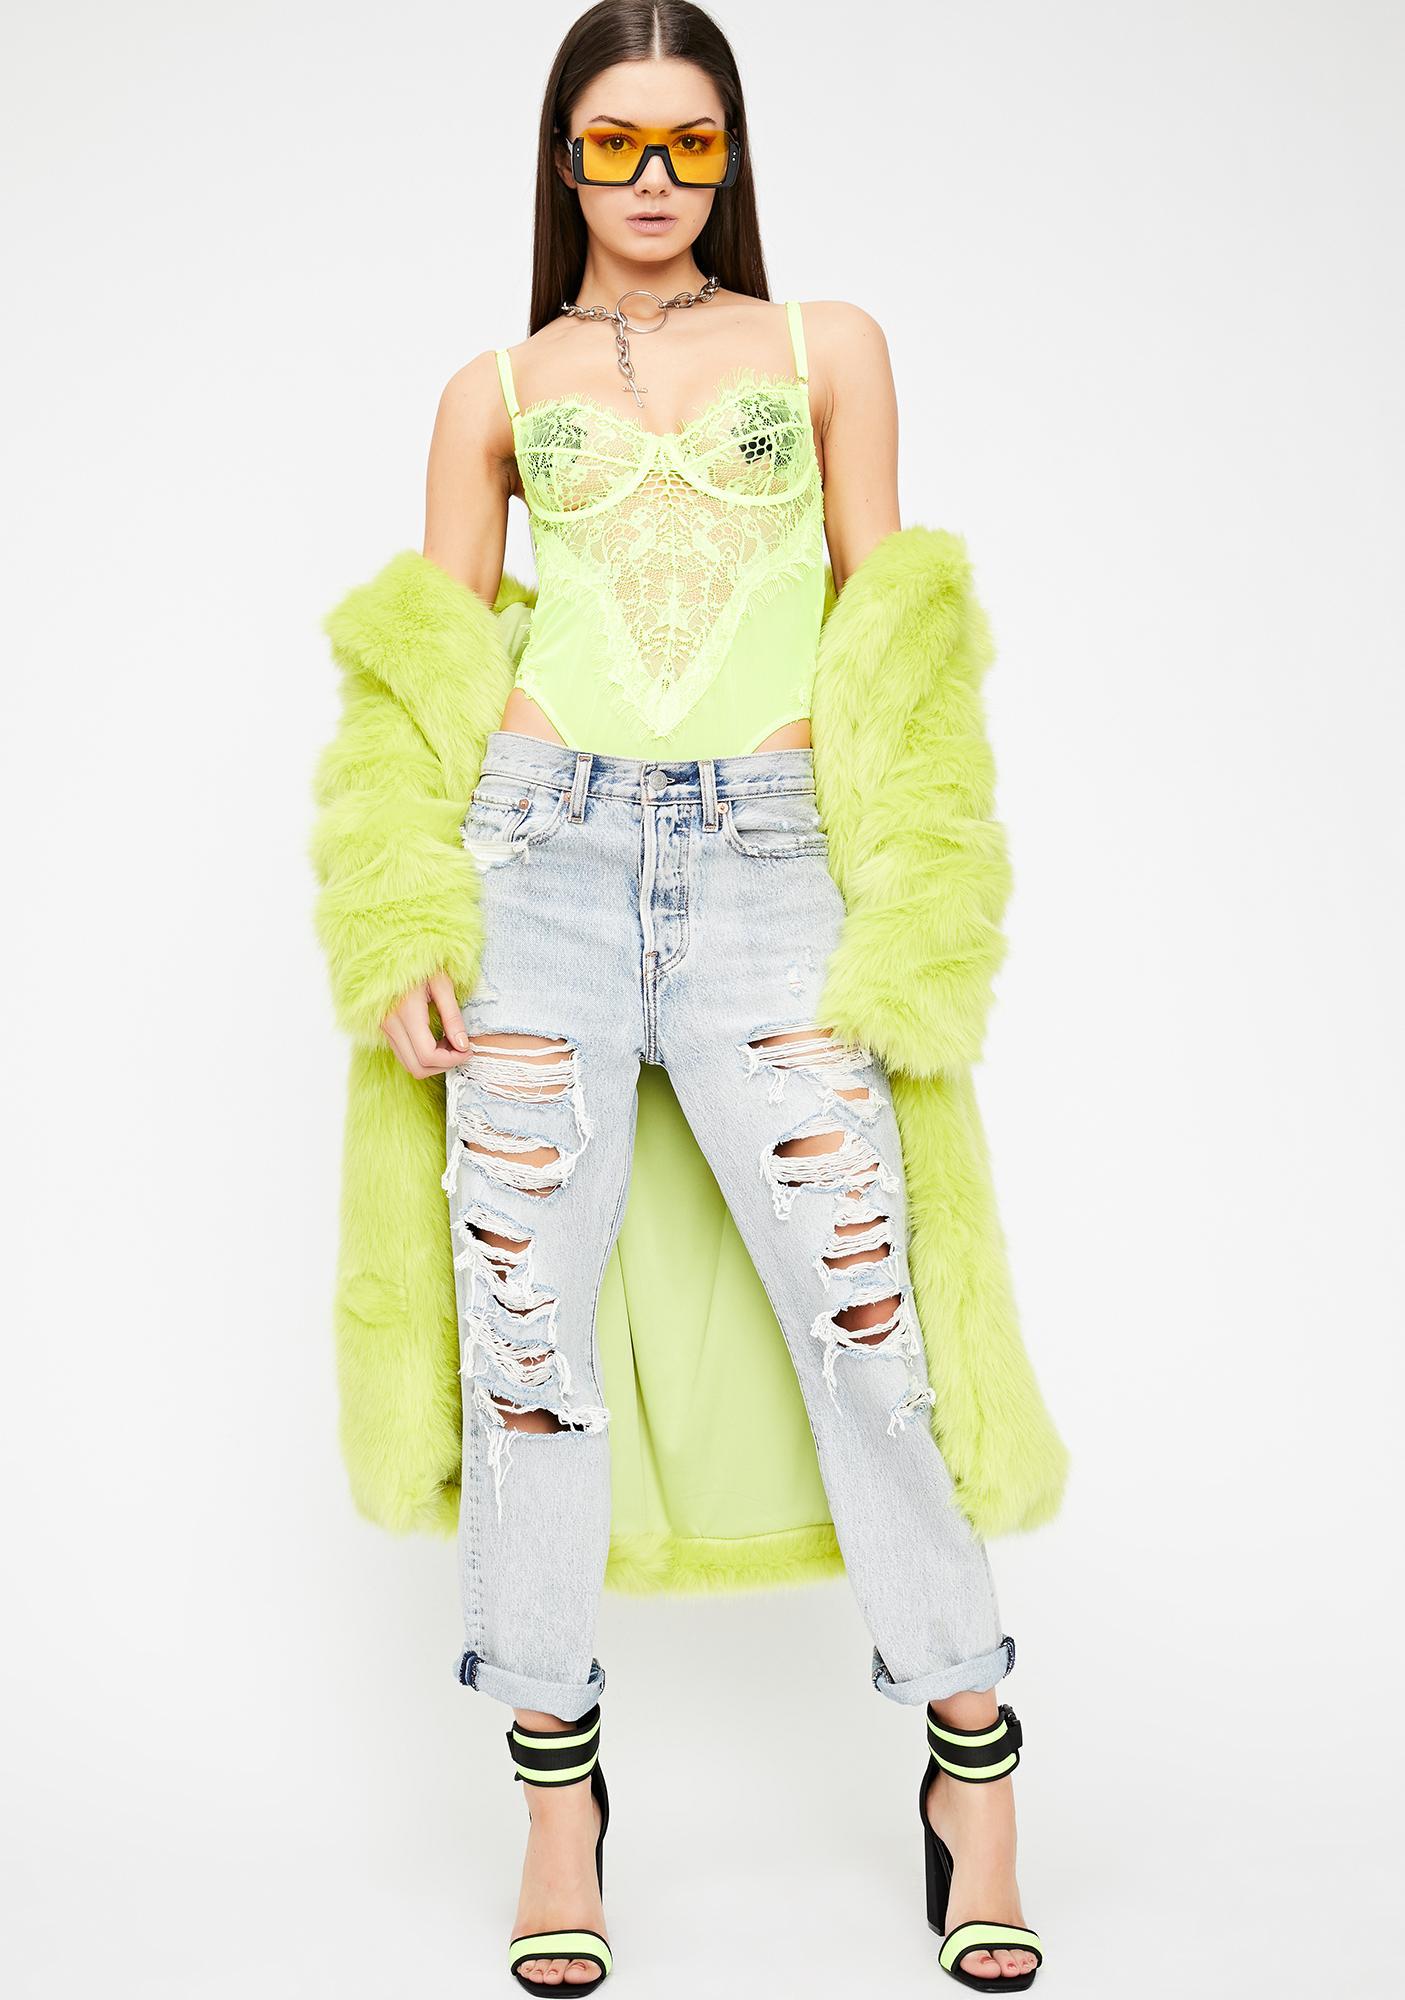 e5630fda83f Neon Allure Lace Bodysuit  Neon Allure Lace Bodysuit ...